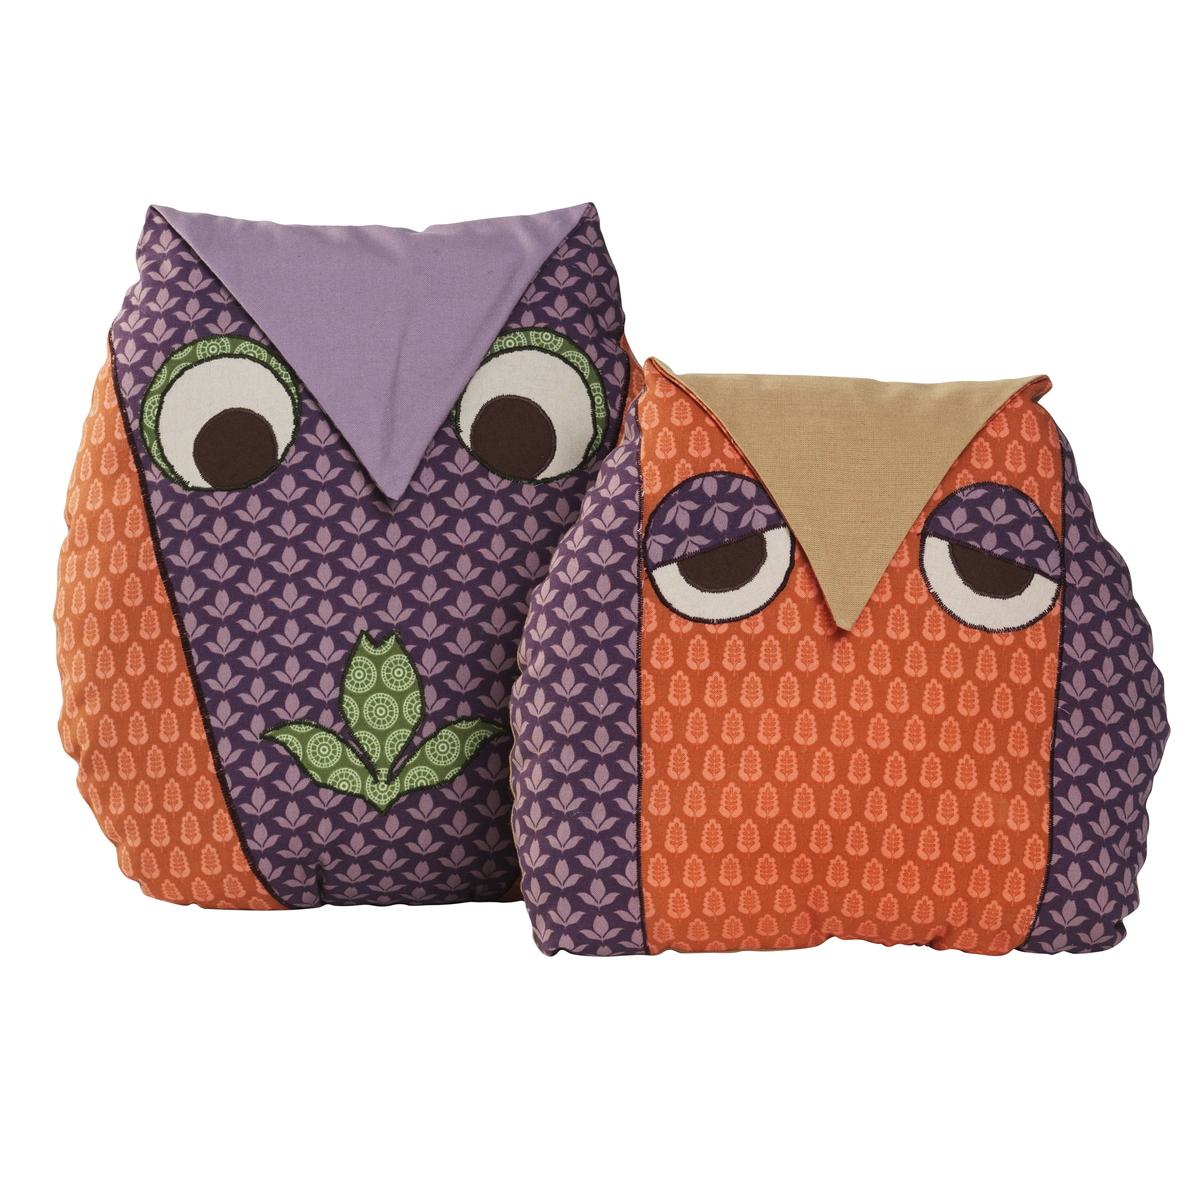 Cosy owls!